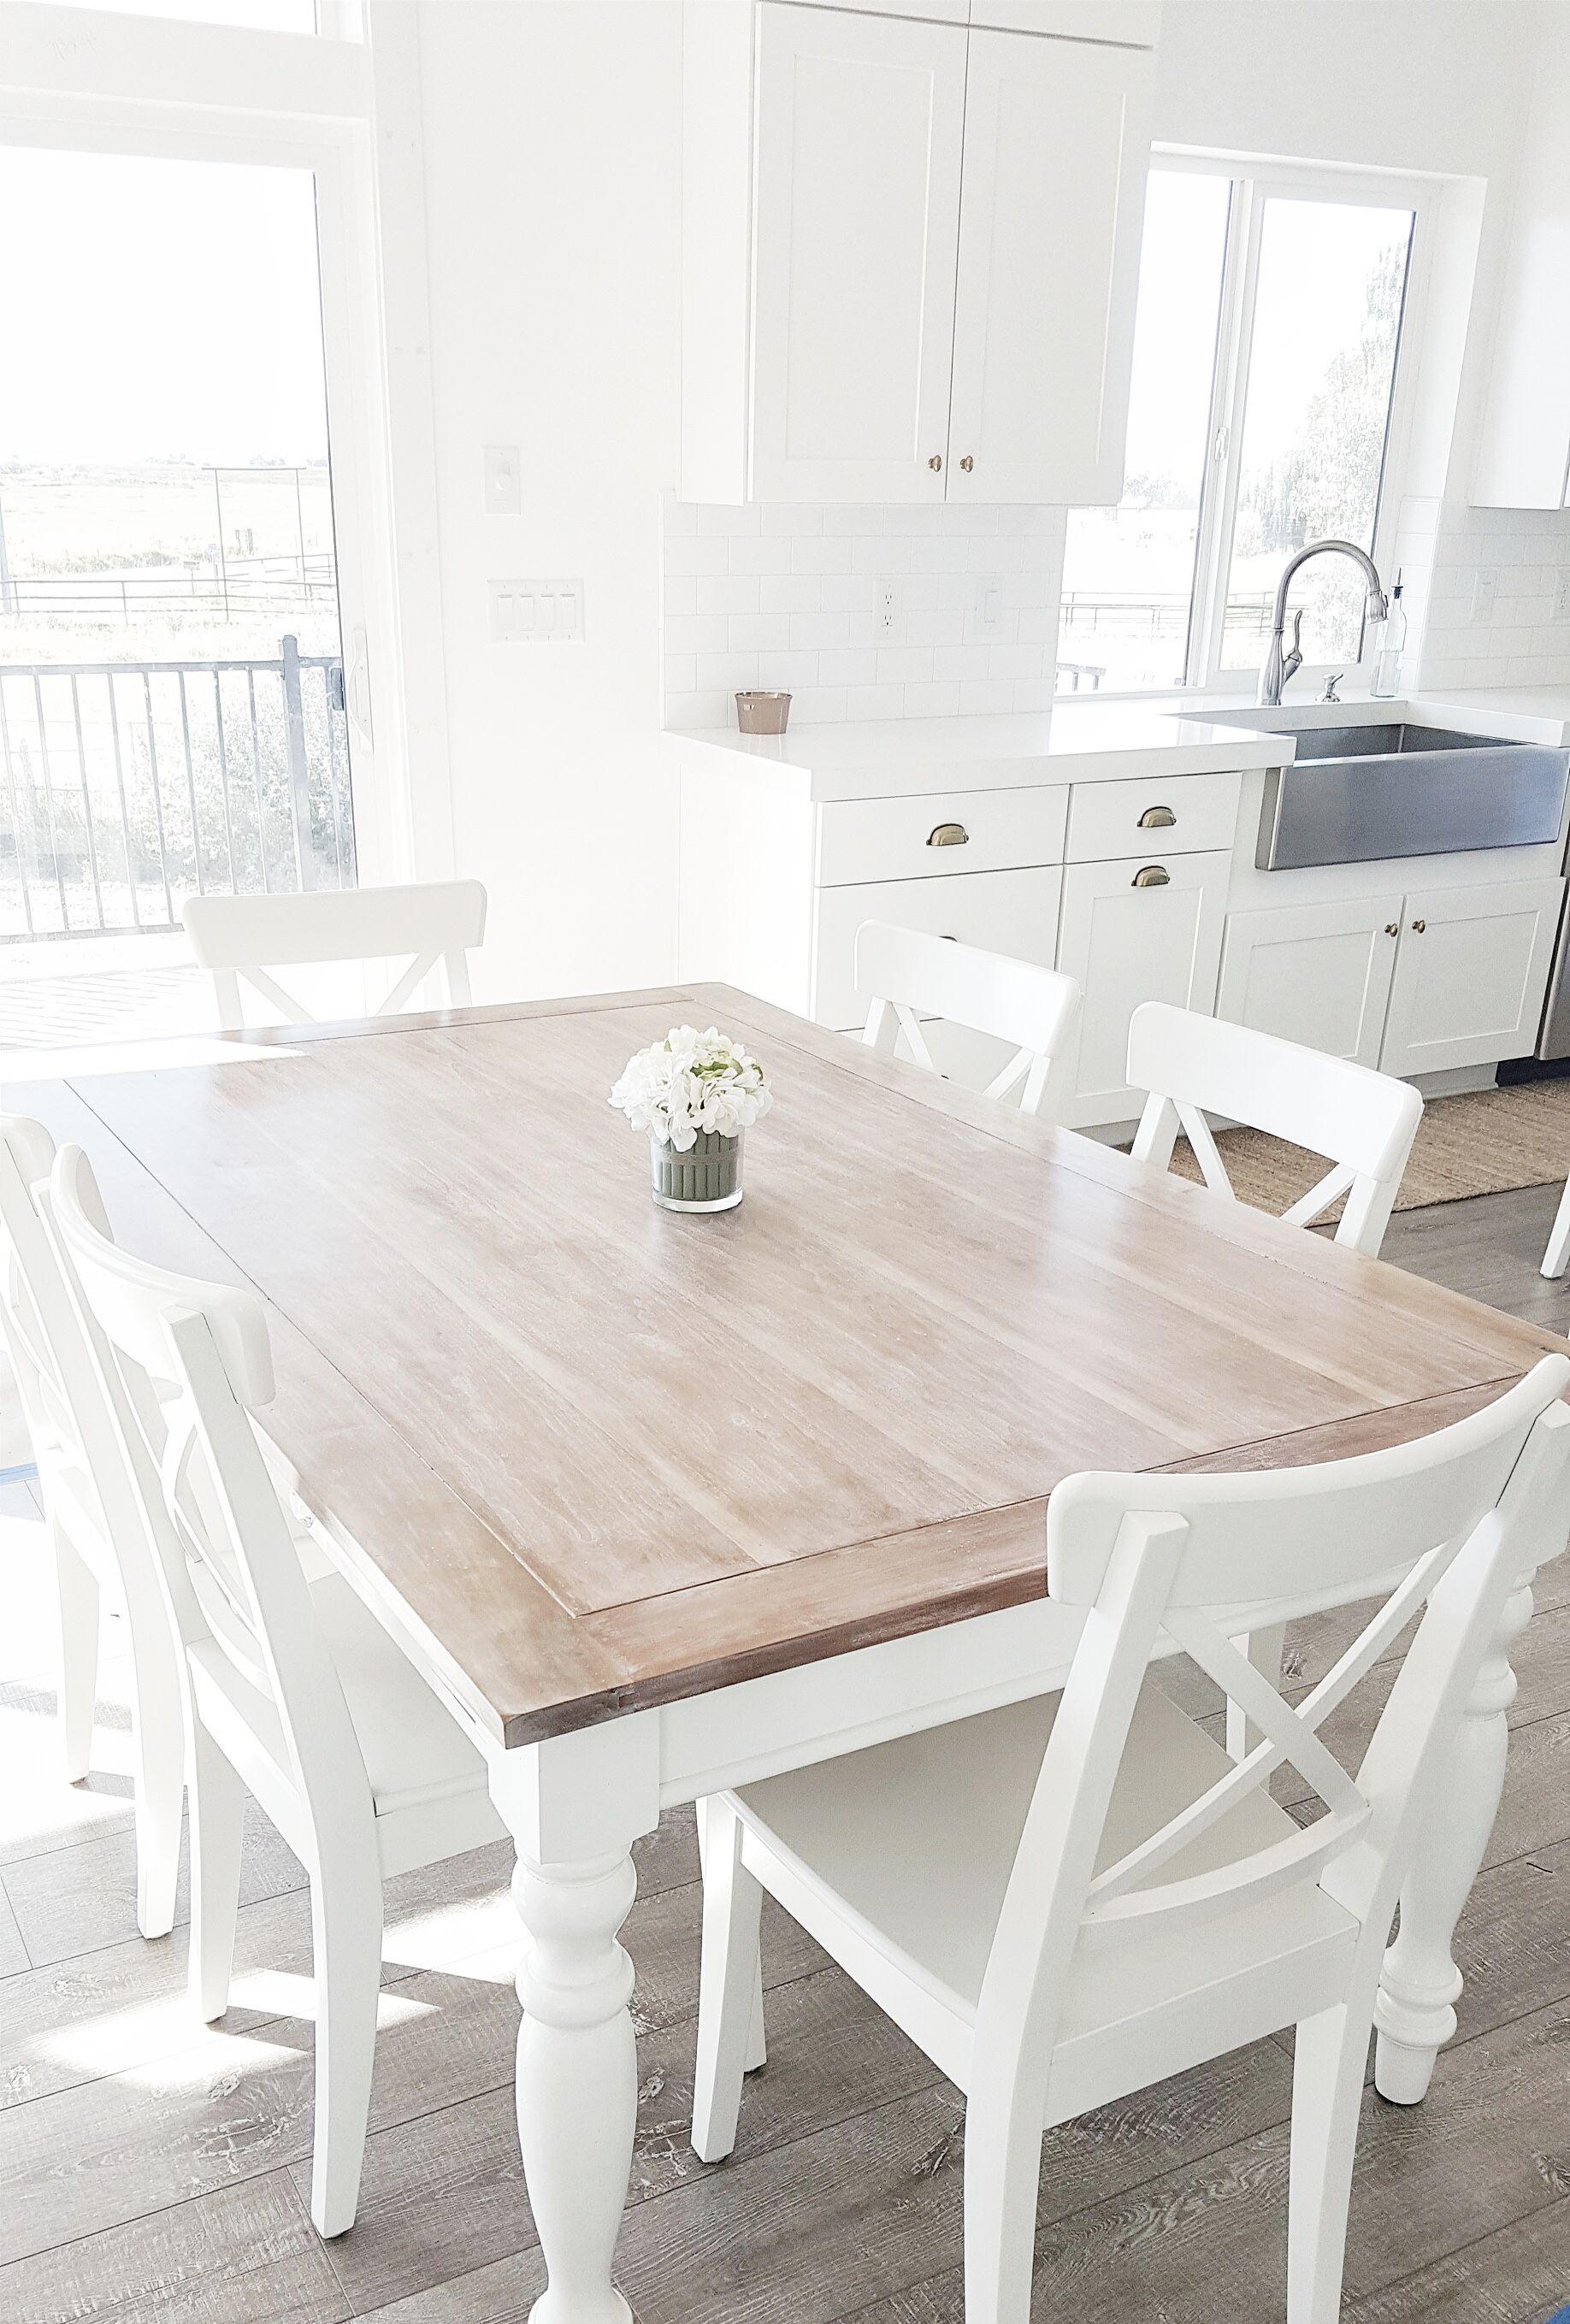 whitelanedecor whitelanedecor Dining room table, liming